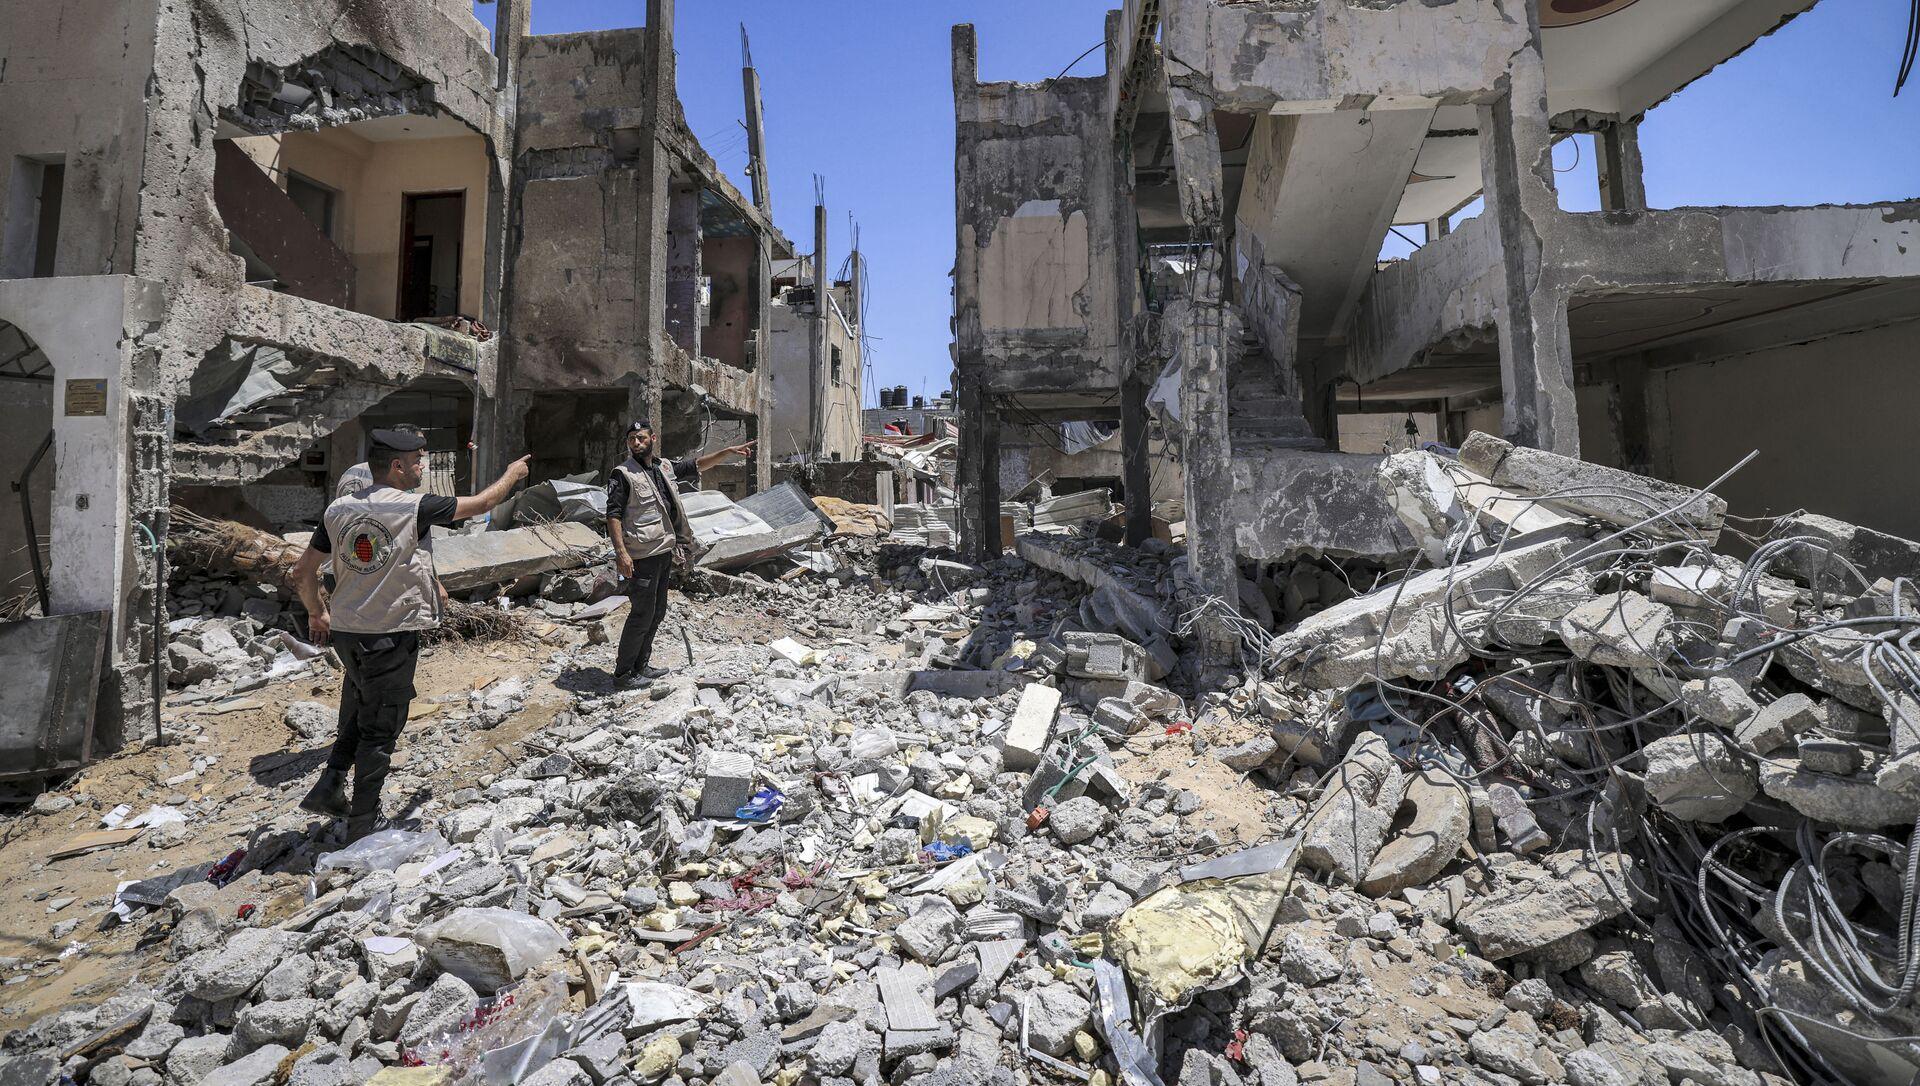 Поиск неразорвавшихся снарядов после конфликта с Израилем в секторе Газа - Sputnik France, 1920, 14.09.2021